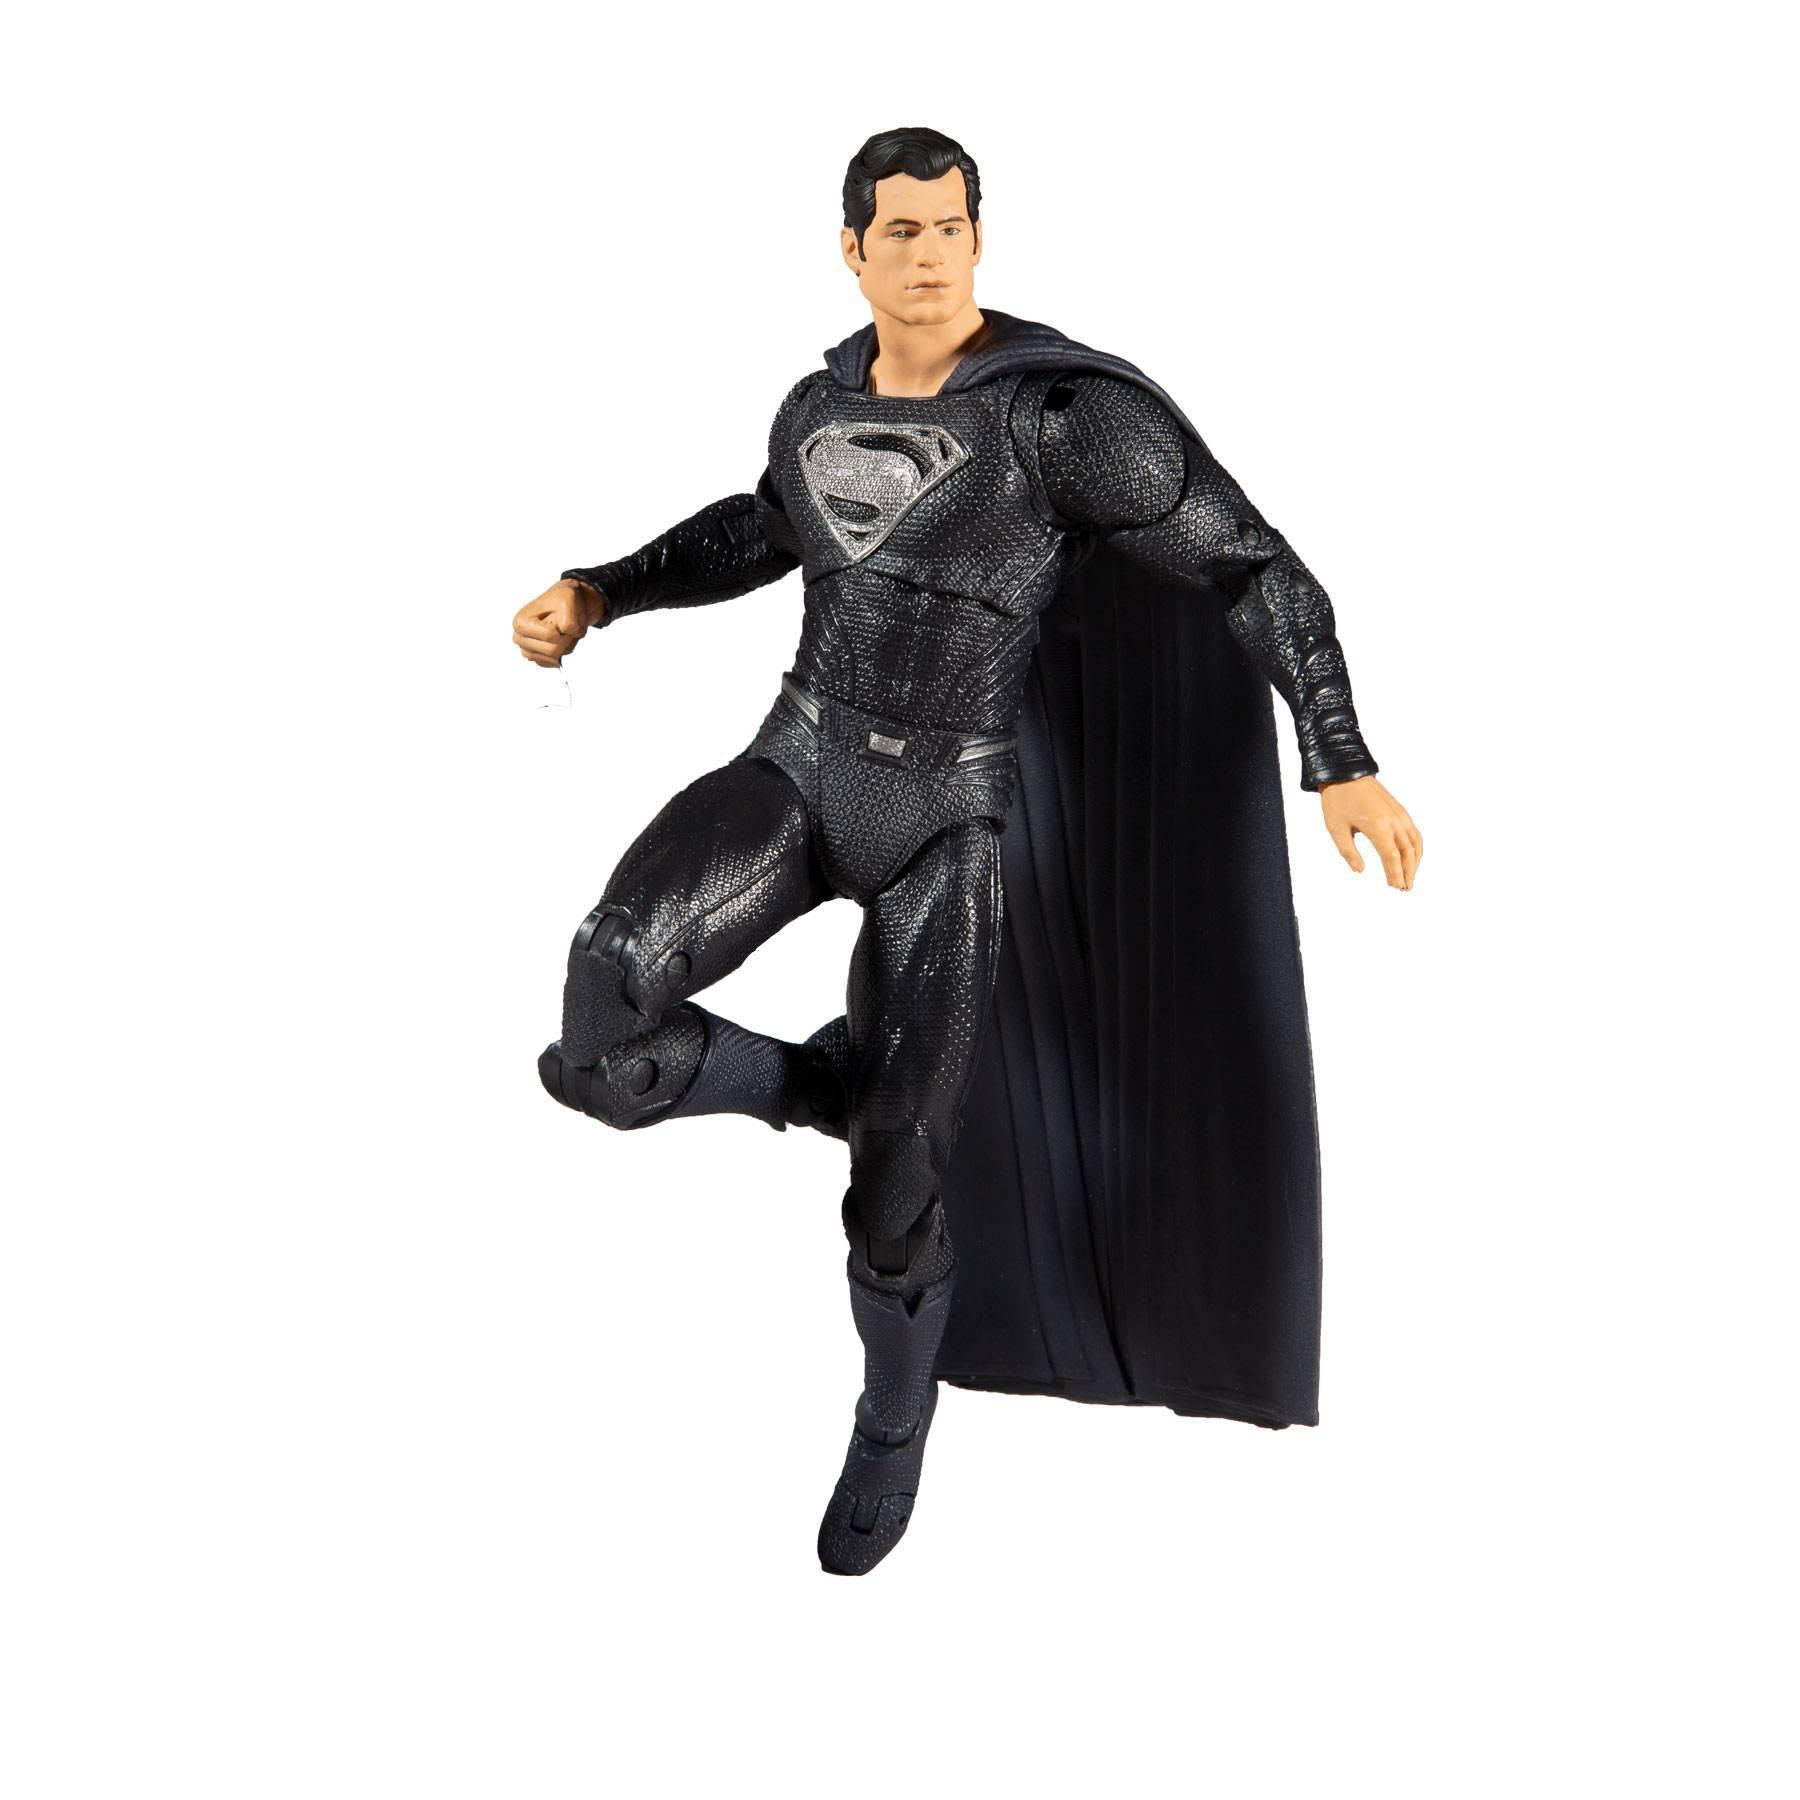 DC Justice League Movie Actionfigur Superman 18 cm MCF15095-7 787926150957